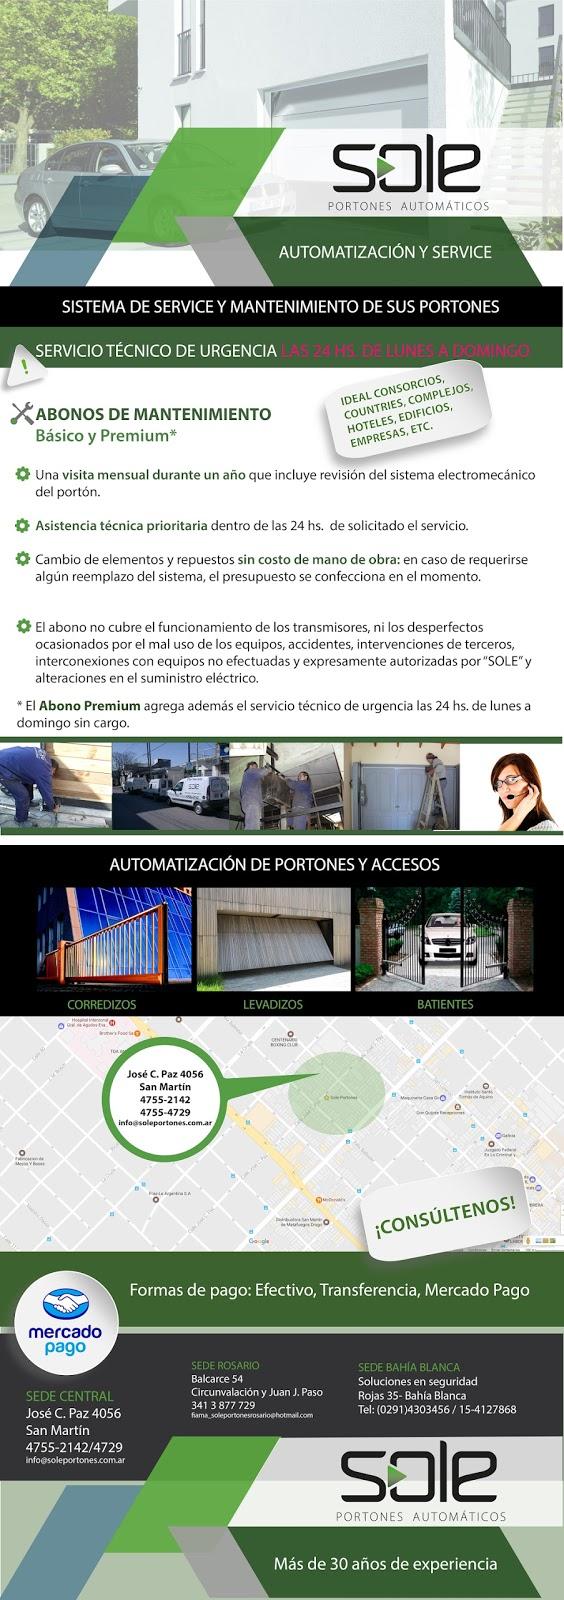 Servicio Técnico - Portones - Automatización - Mantenimiento